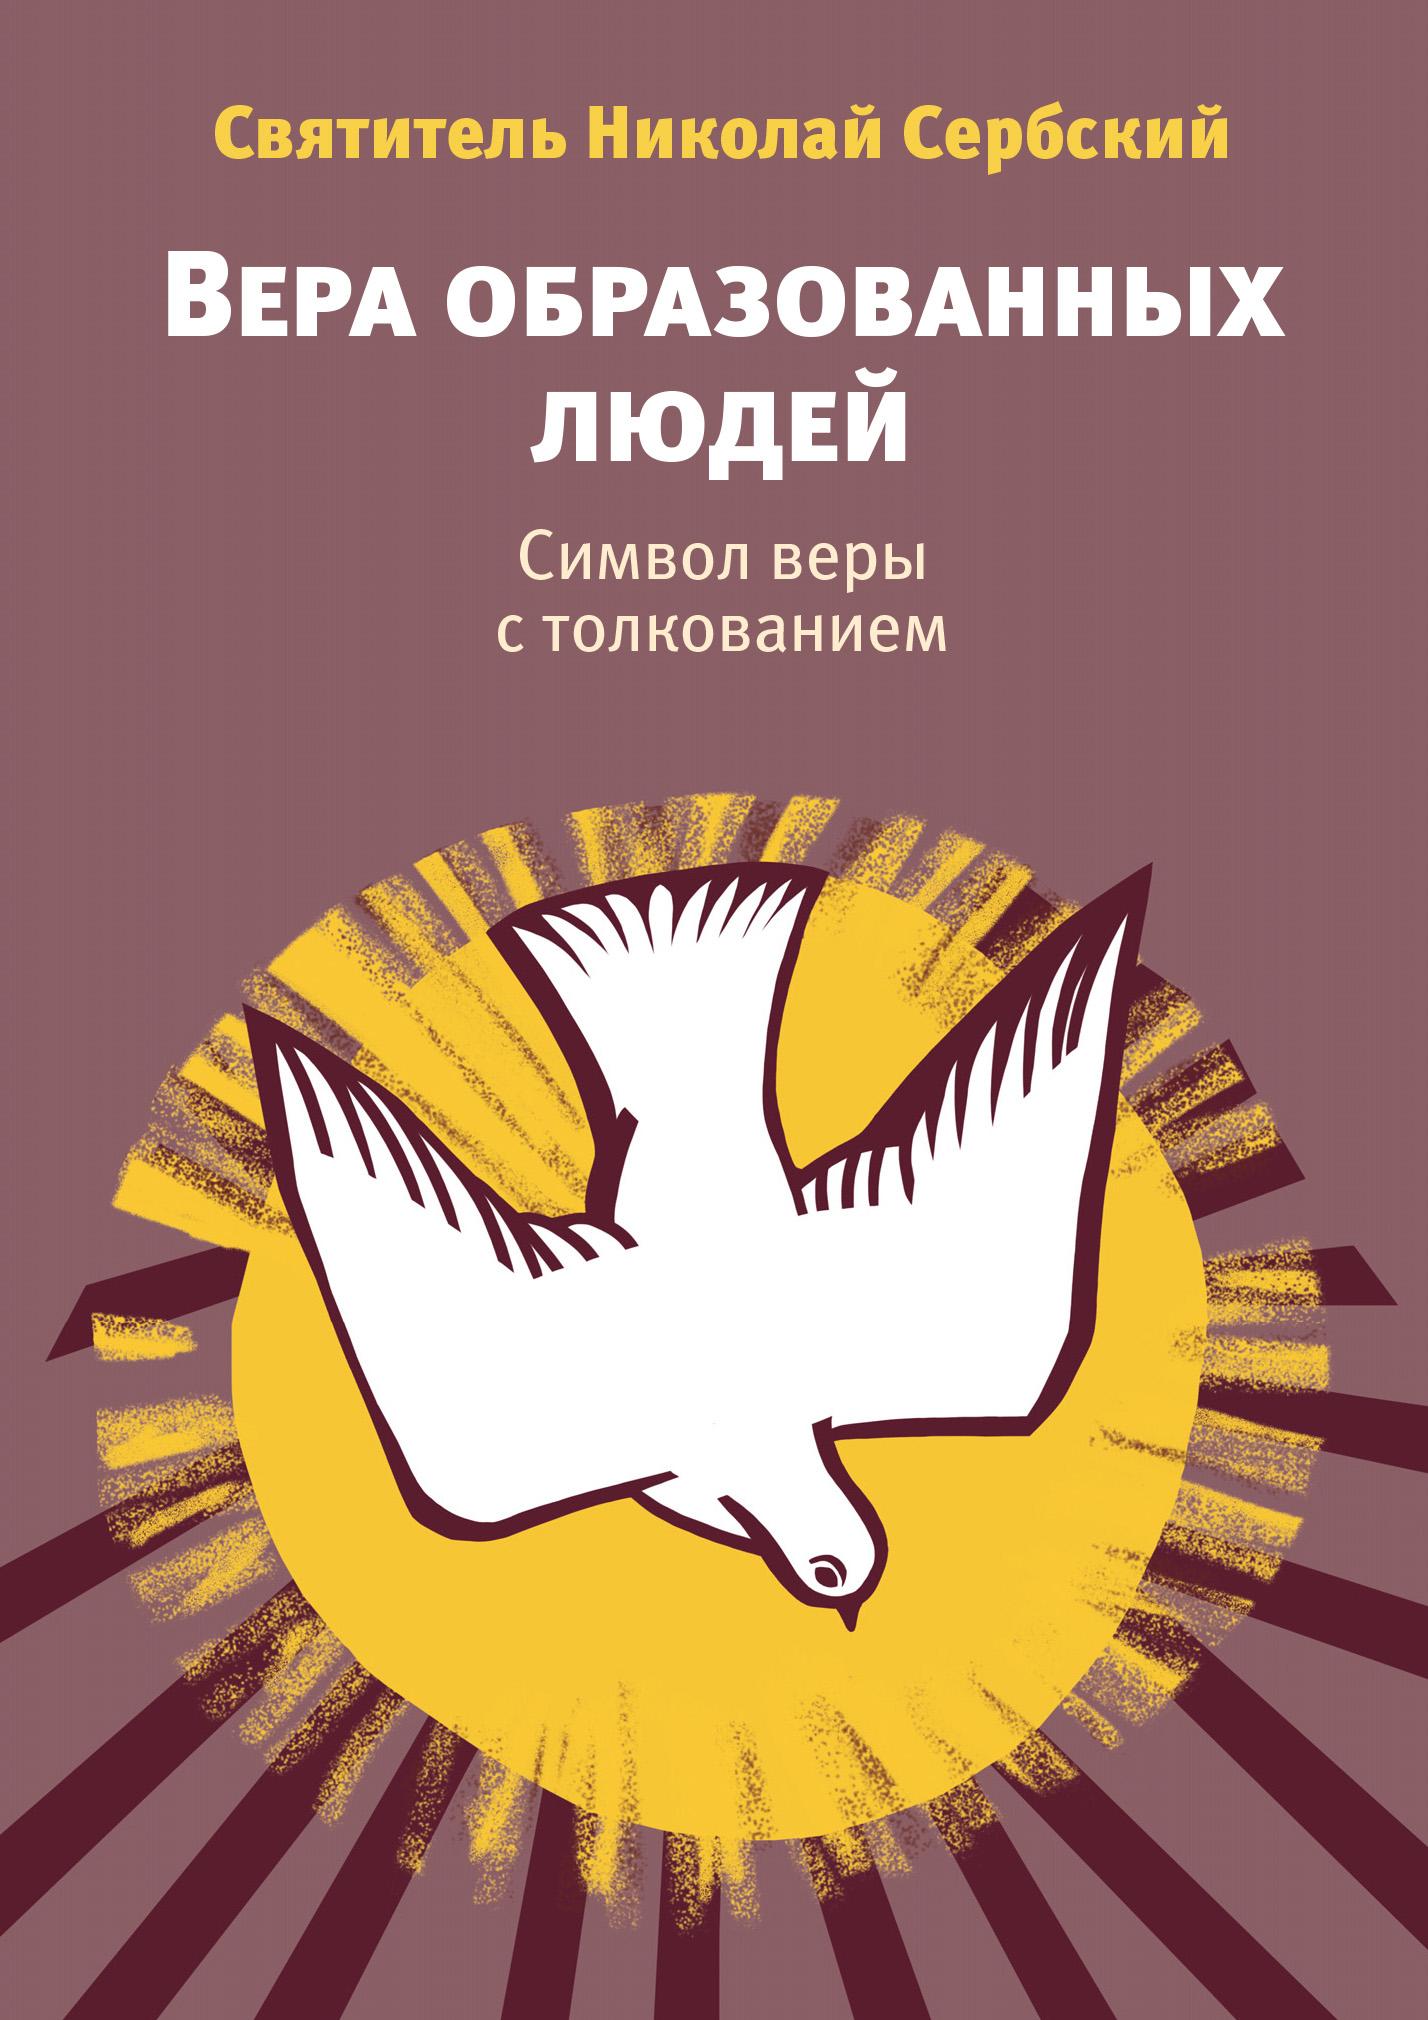 Святитель Николай Сербский (Велимирович) Вера образованных людей. Символ веры с толкованием